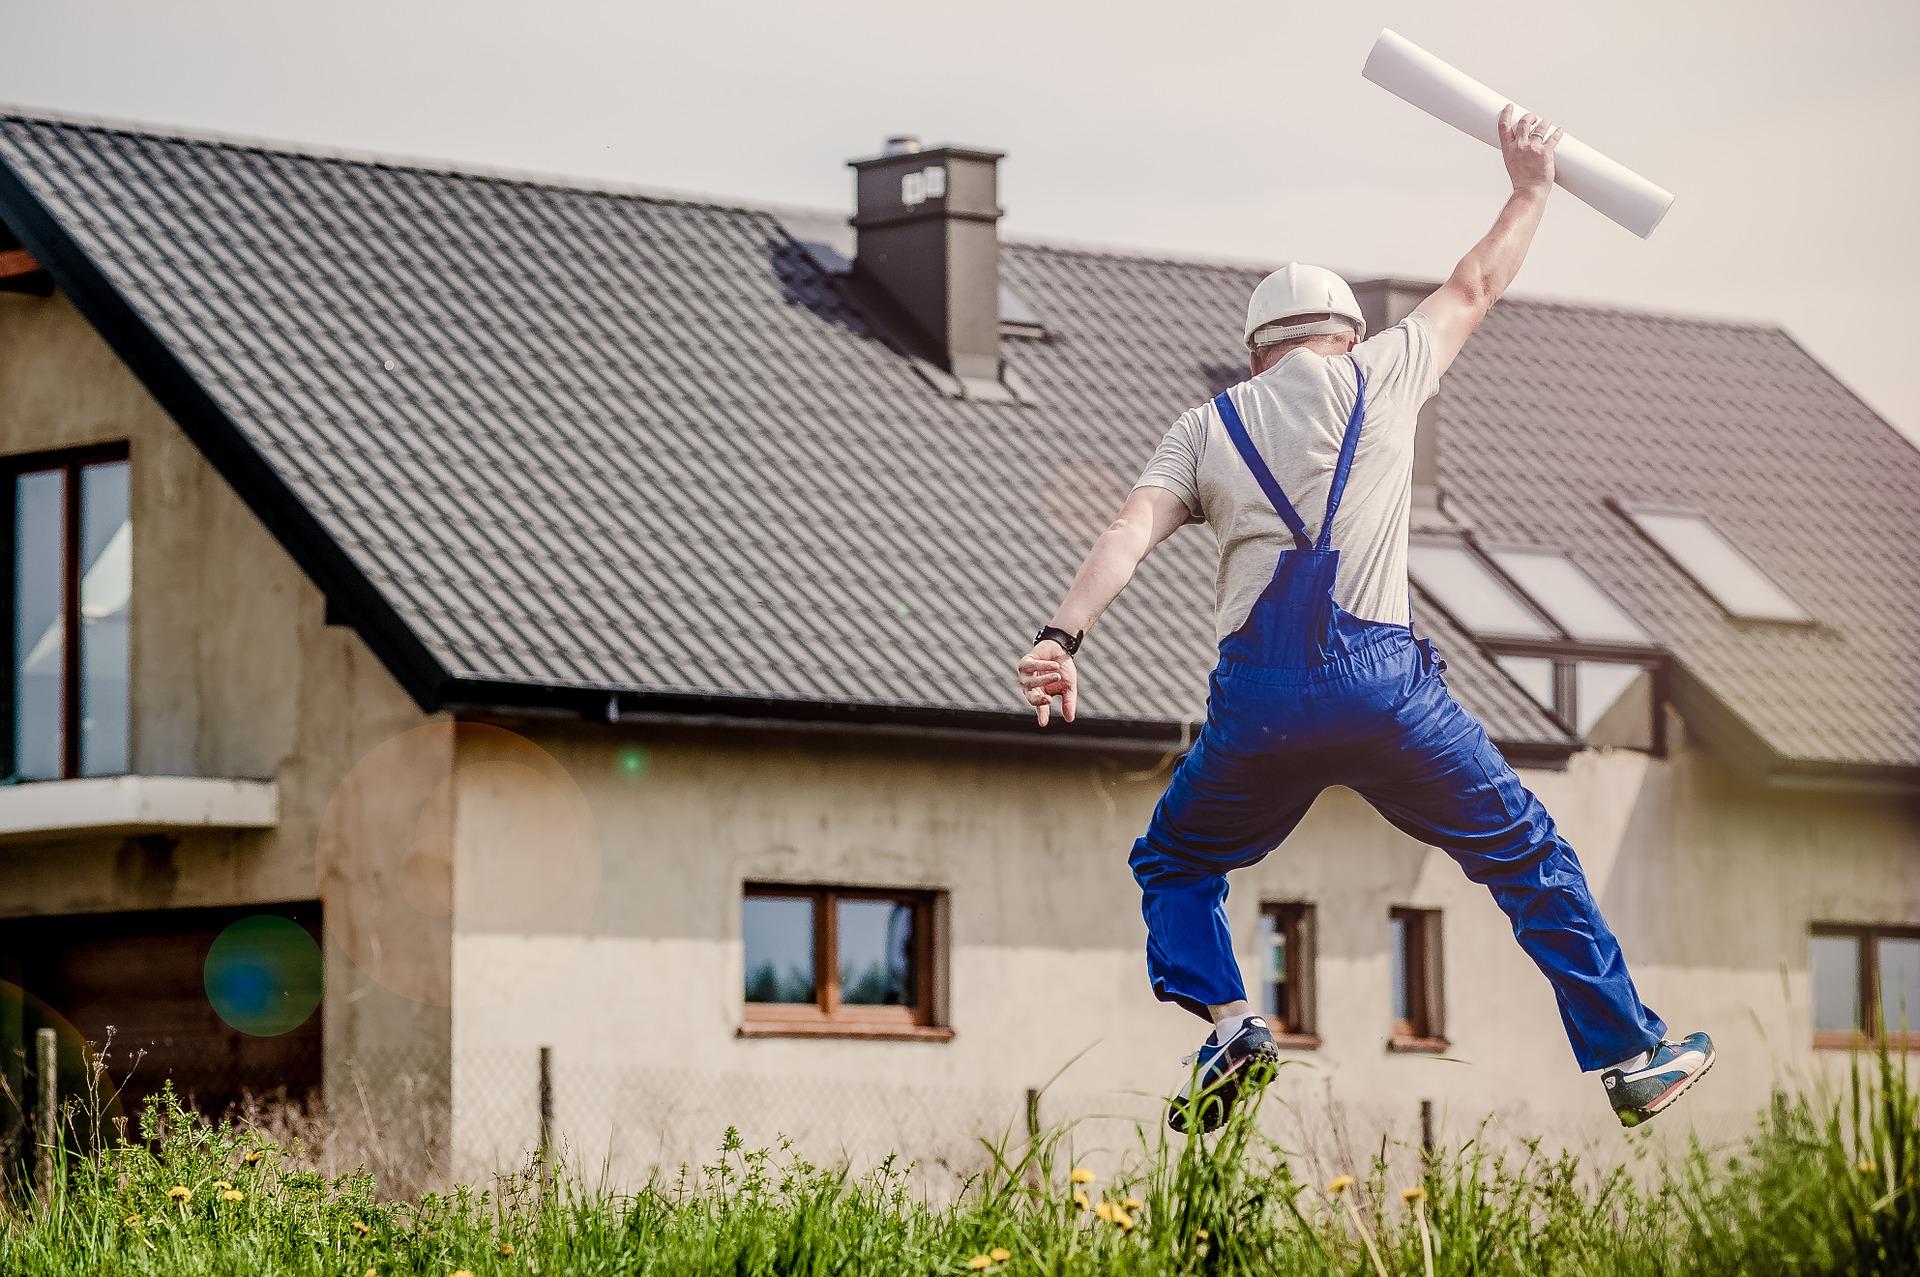 Metoda lekka sucha ocieplania ścian budynku. Co to jest? Na czym polega?